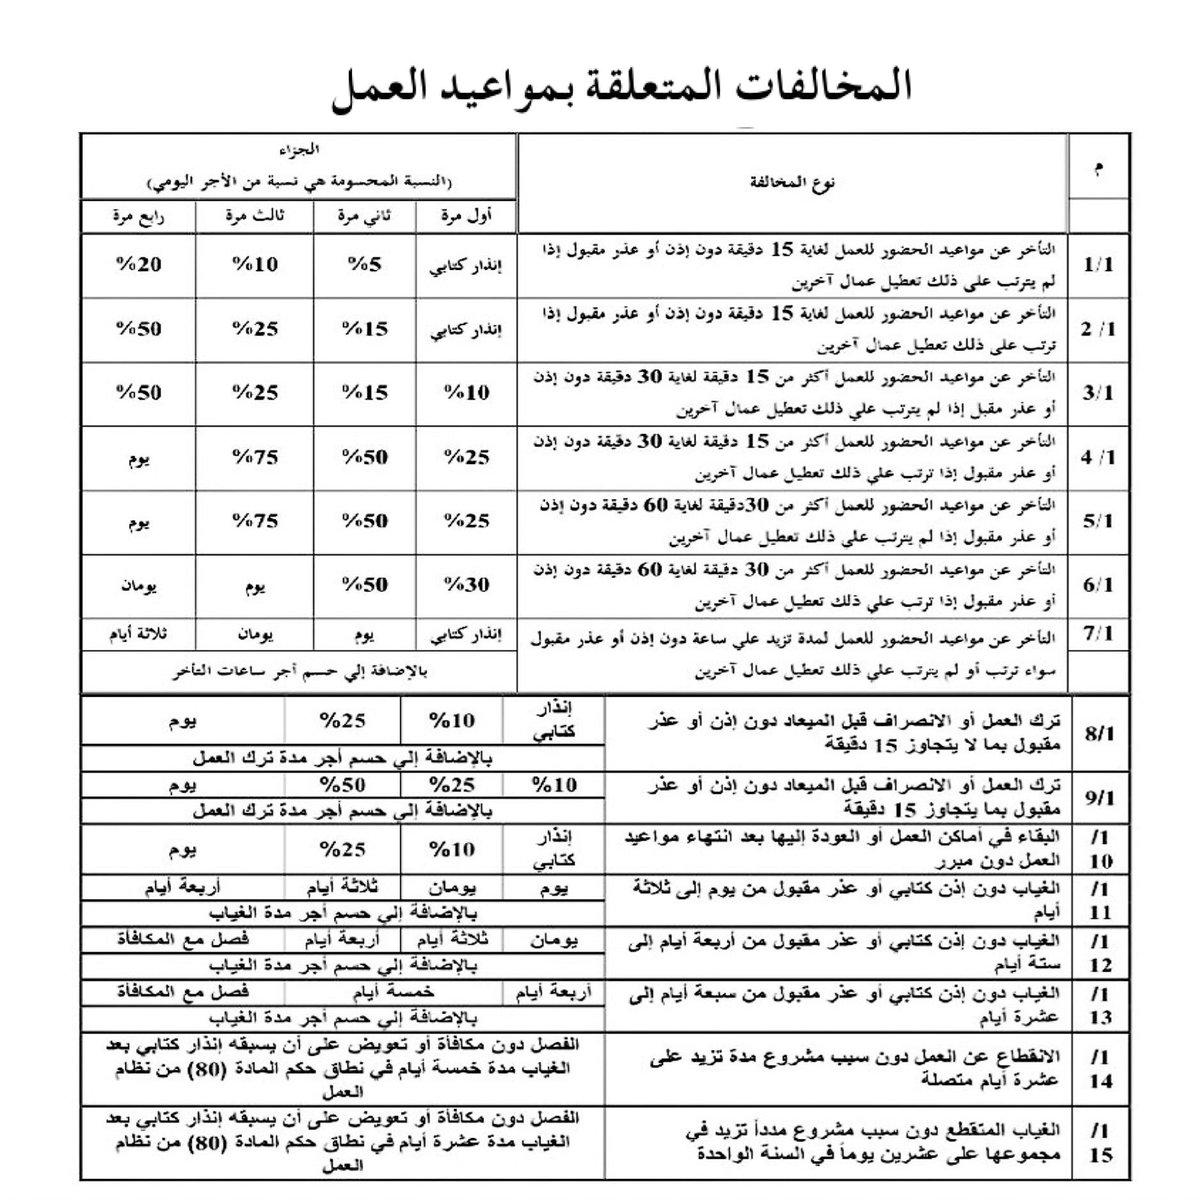 القانون Law V Twitter جدول المخالفات والجزاءات نظام العمل Almustsharahmed Lawclub5 Khalidguwaiz Law Library Sa